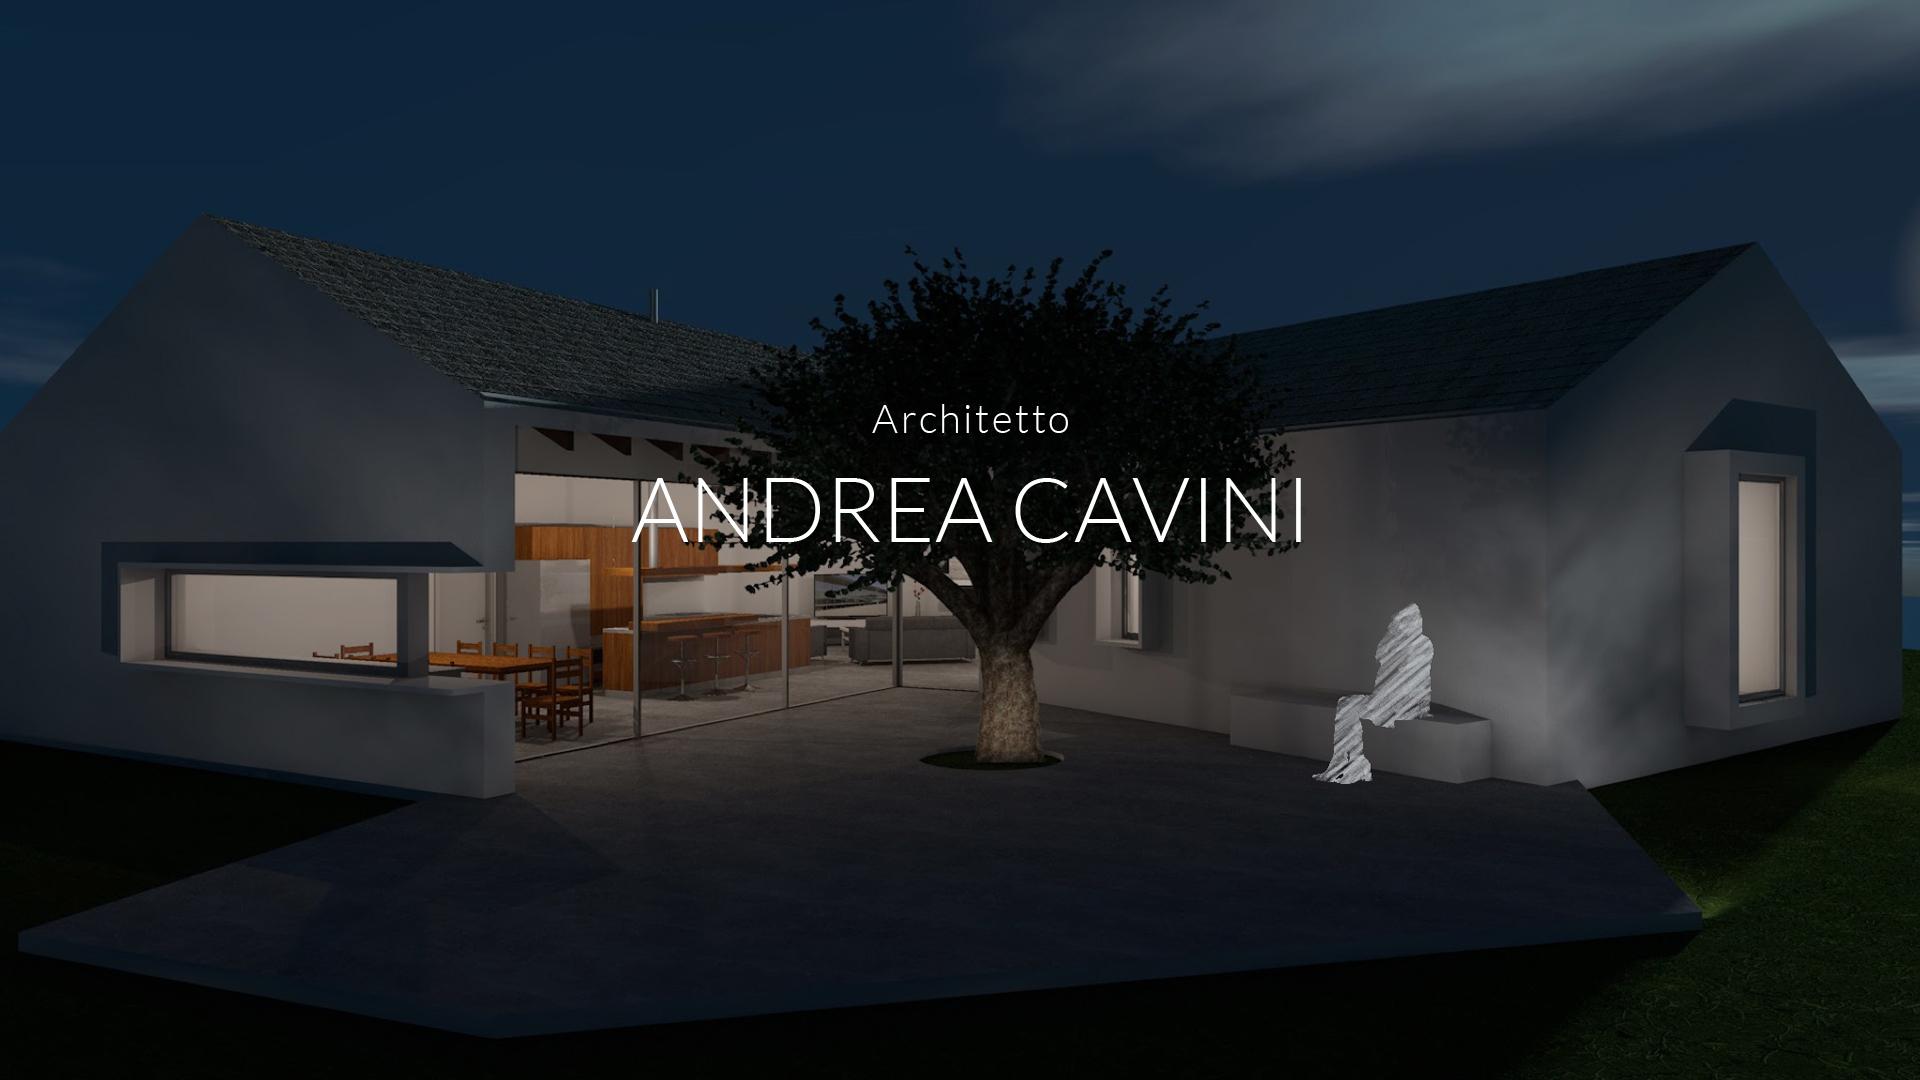 Architetto Andrea Cavini